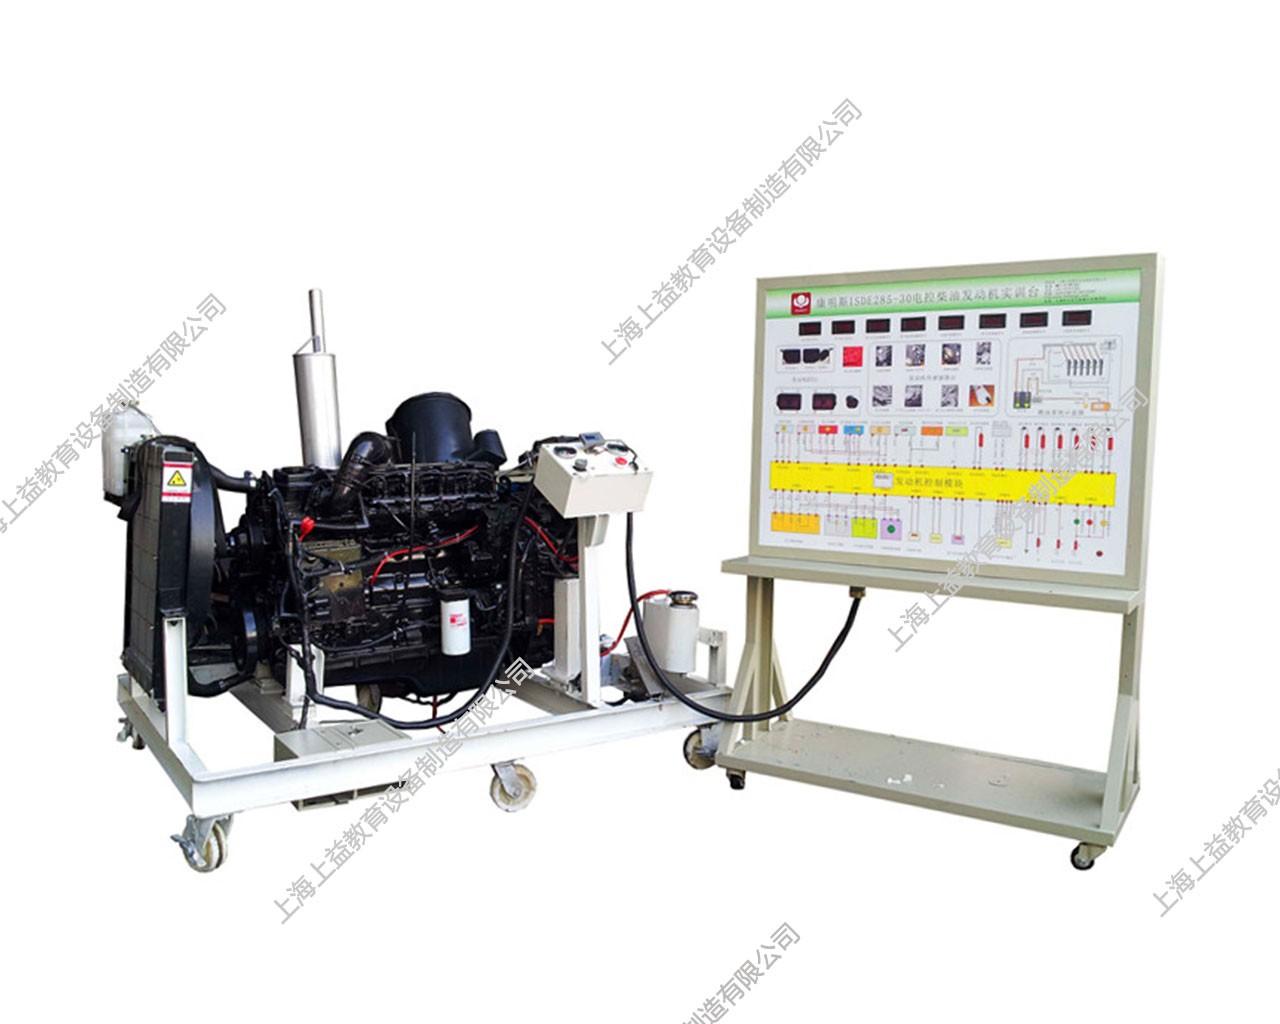 电控高压共轨柴油发动机wwwlehu8vip台(康明斯ISDECM210.30)